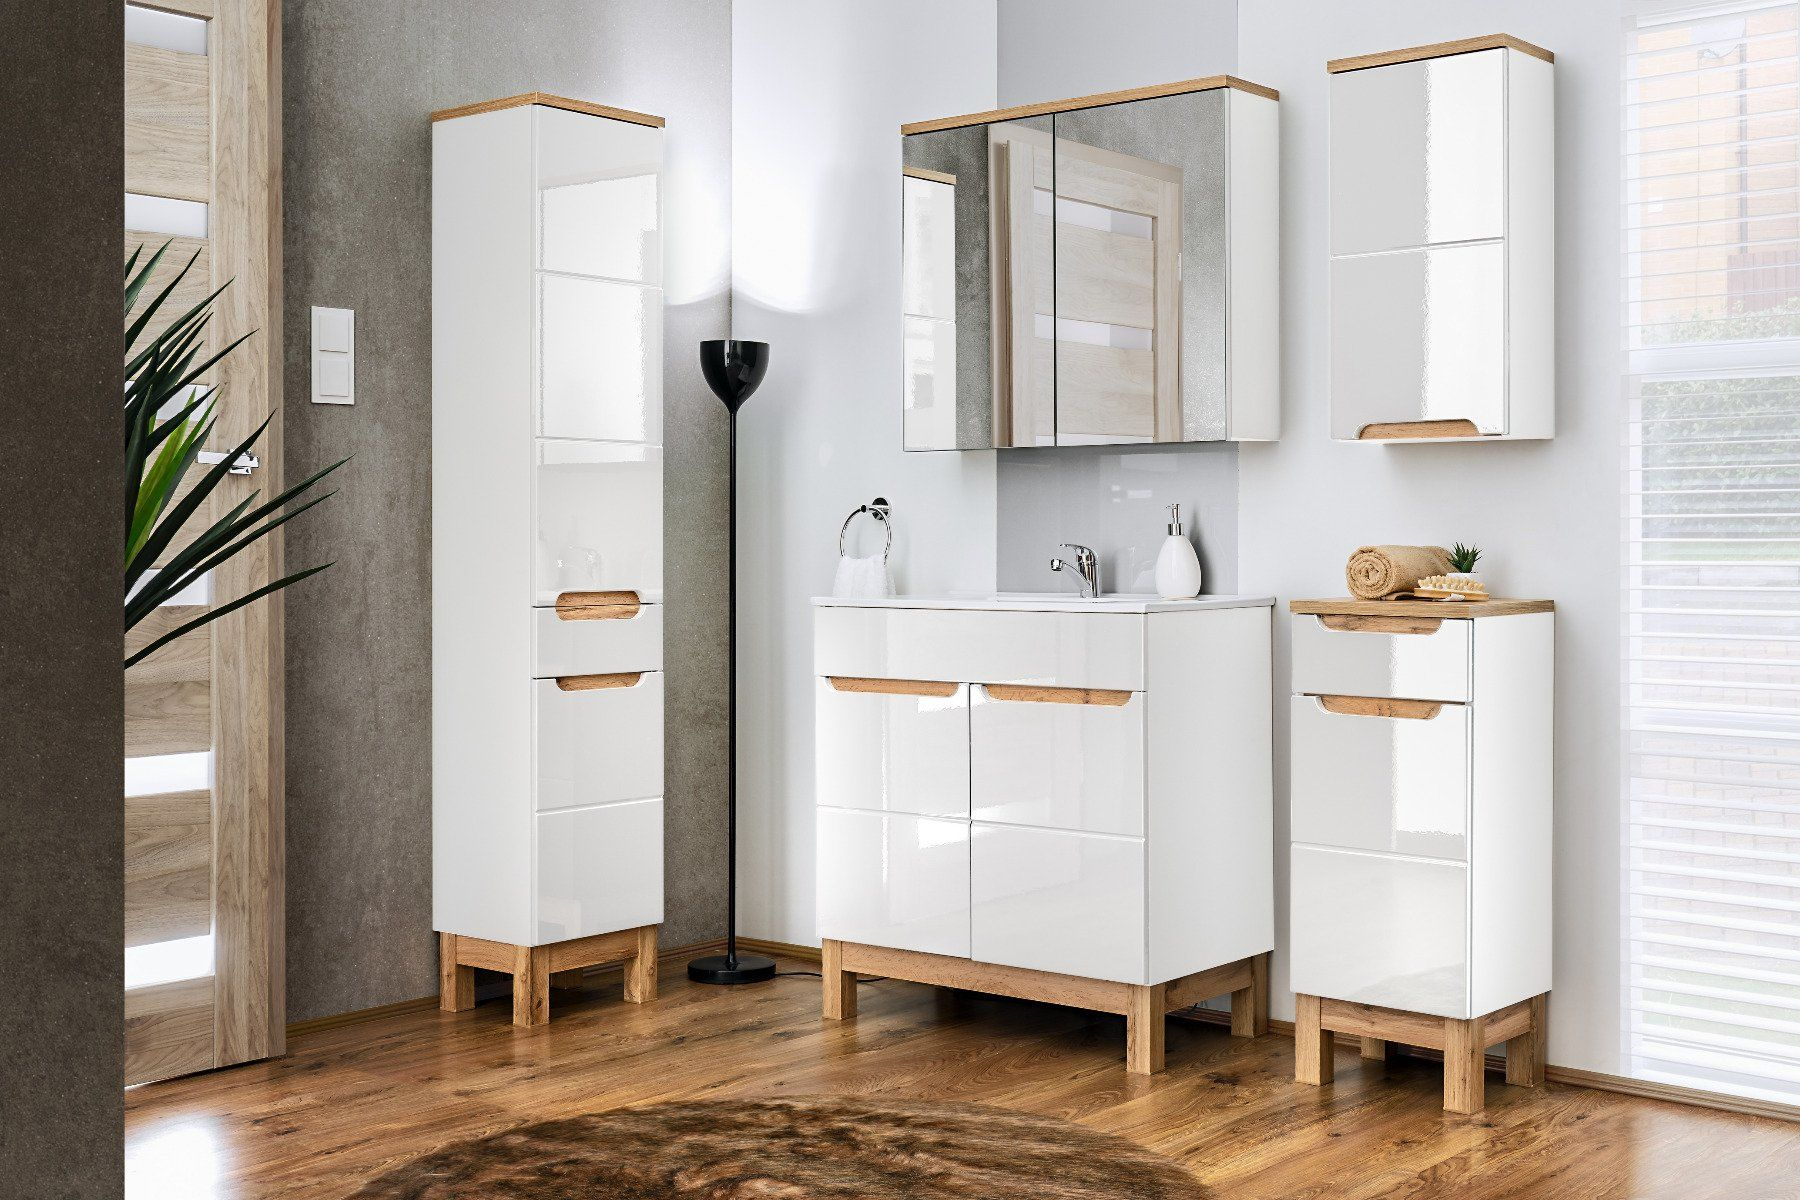 Szafka łazienkowa BALI 840 biała z lustrem  Kupuj w Sprawdzonych sklepach